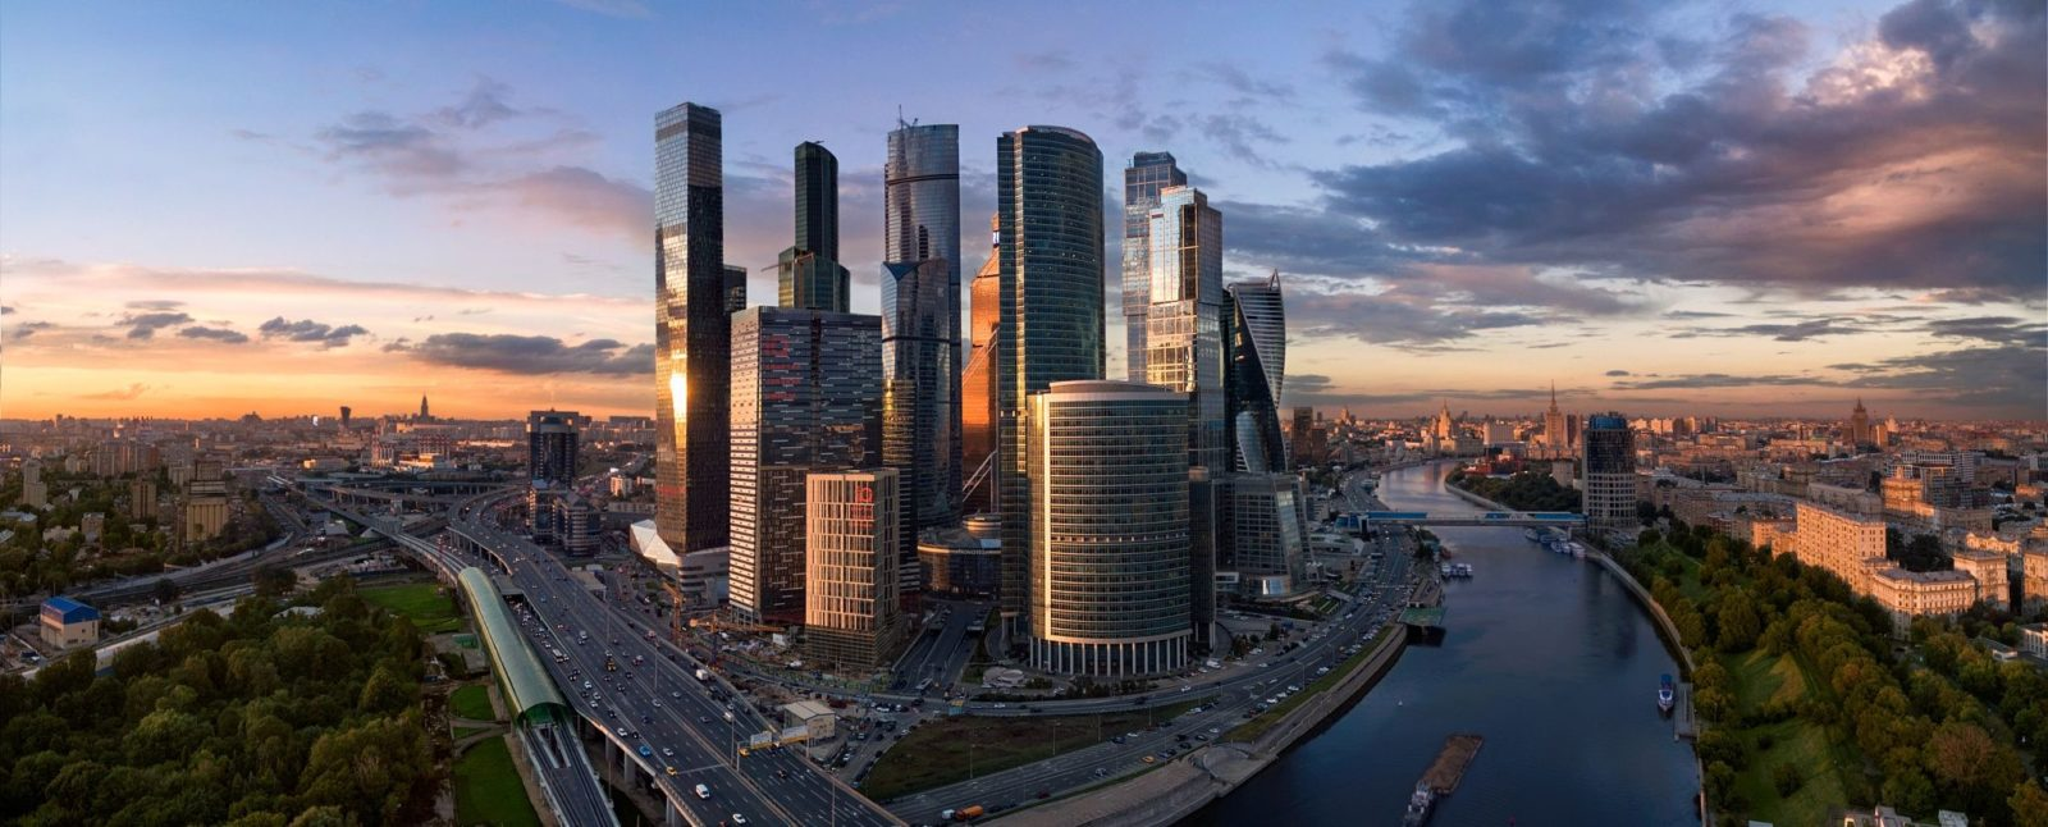 100  Интересных фактов о Москве (часть 3)